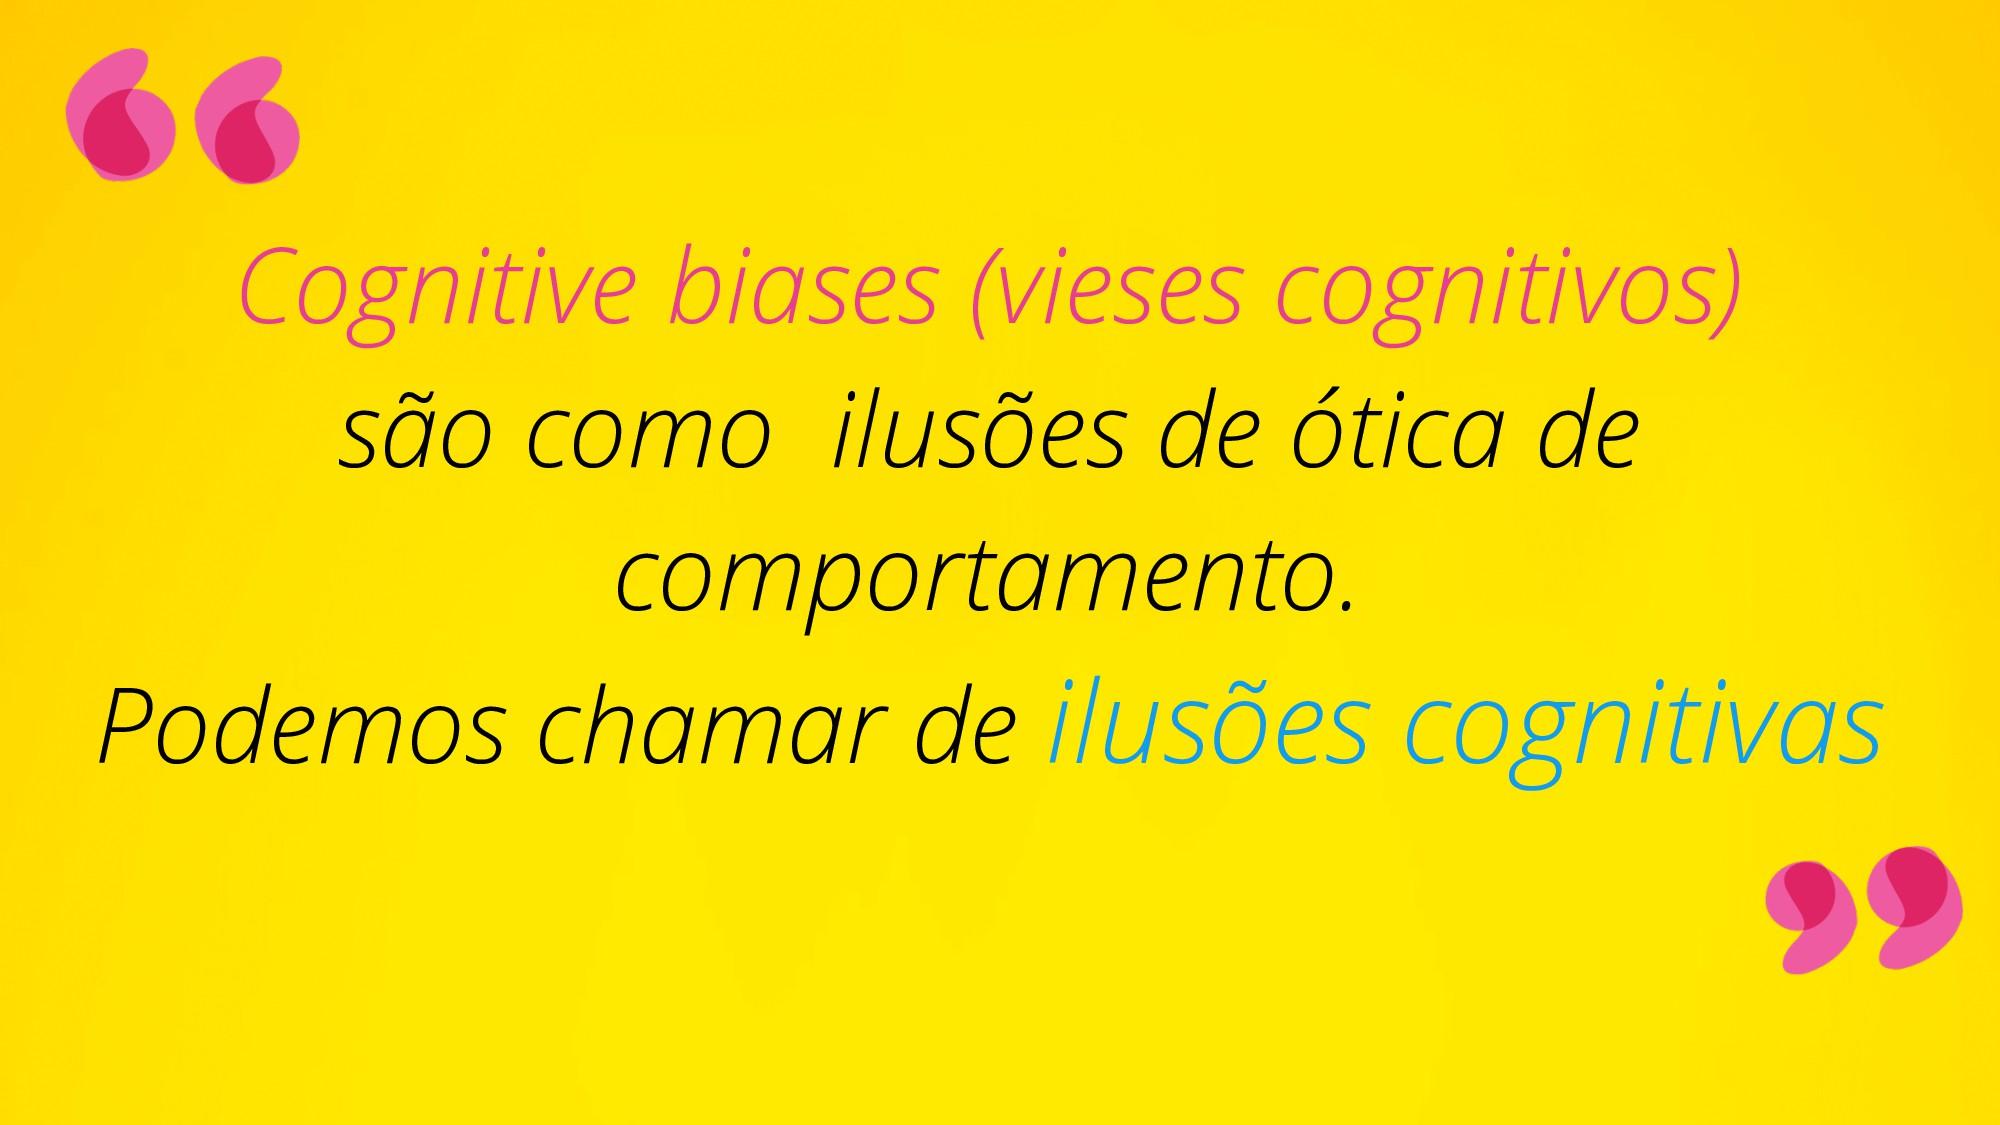 Cognitive biases (vieses cognitivos) são como i...